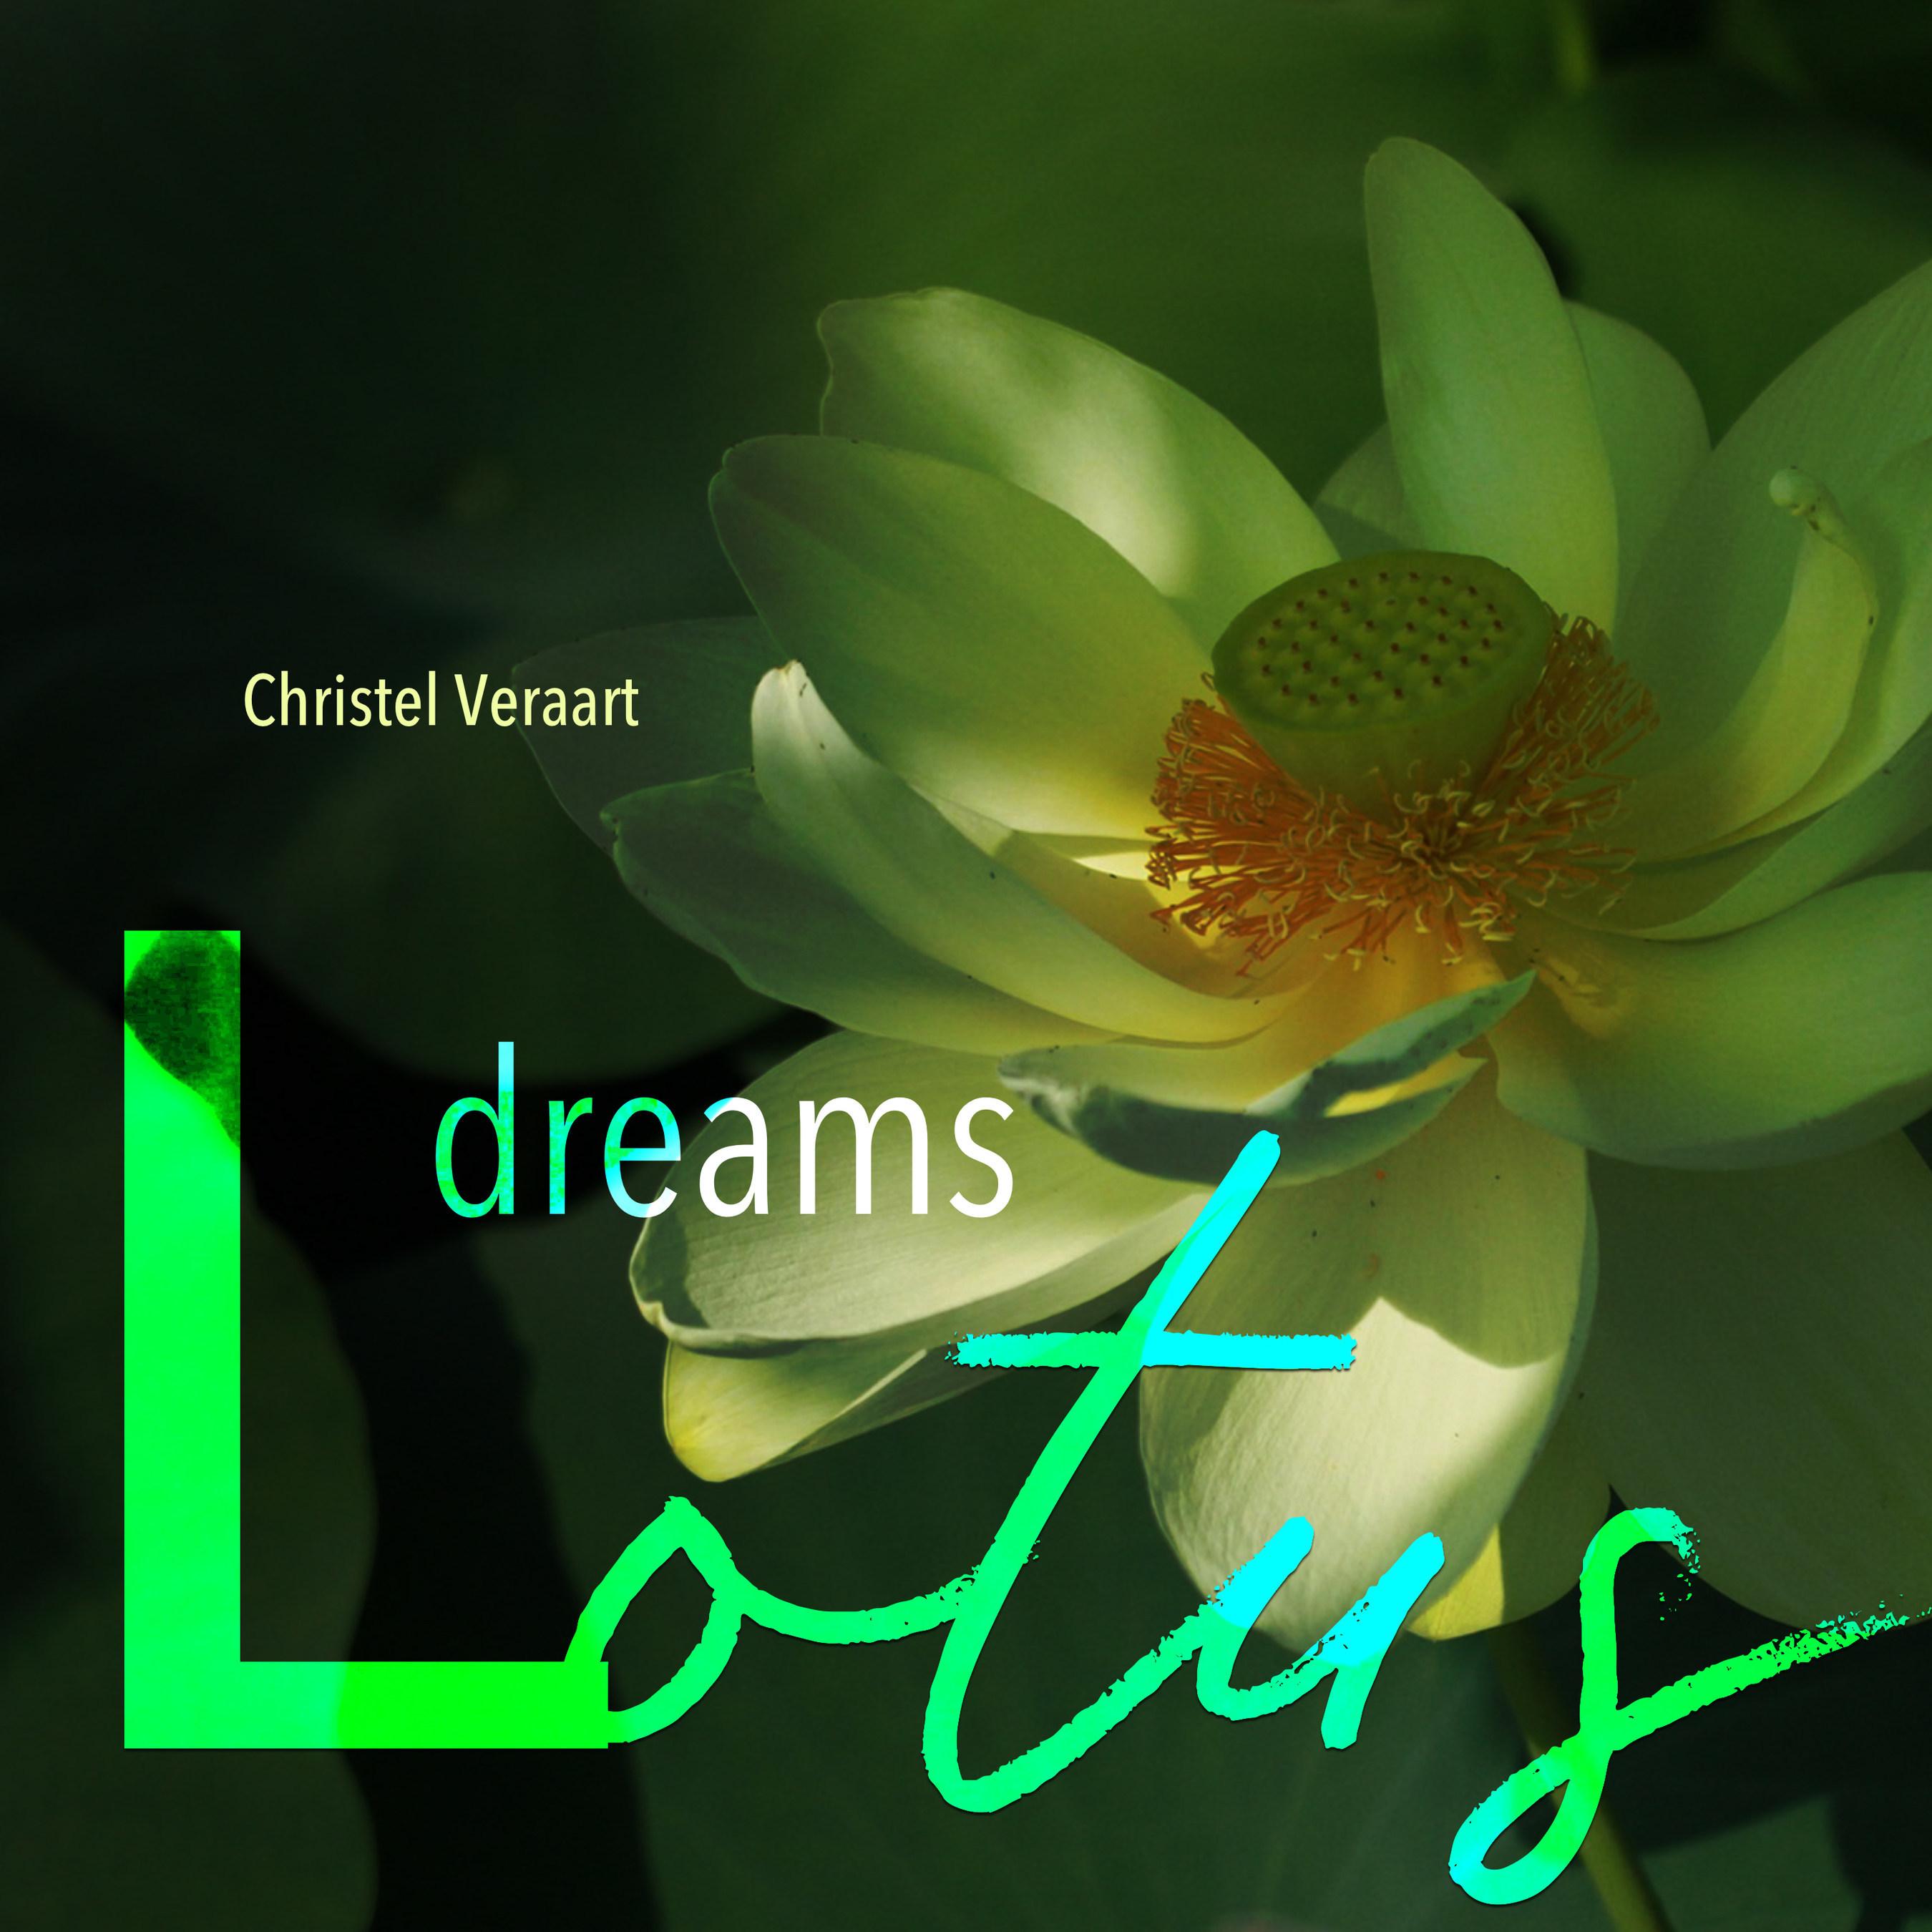 Lotus Dreams Latest Album From Award Winning Musician Christel Veraart